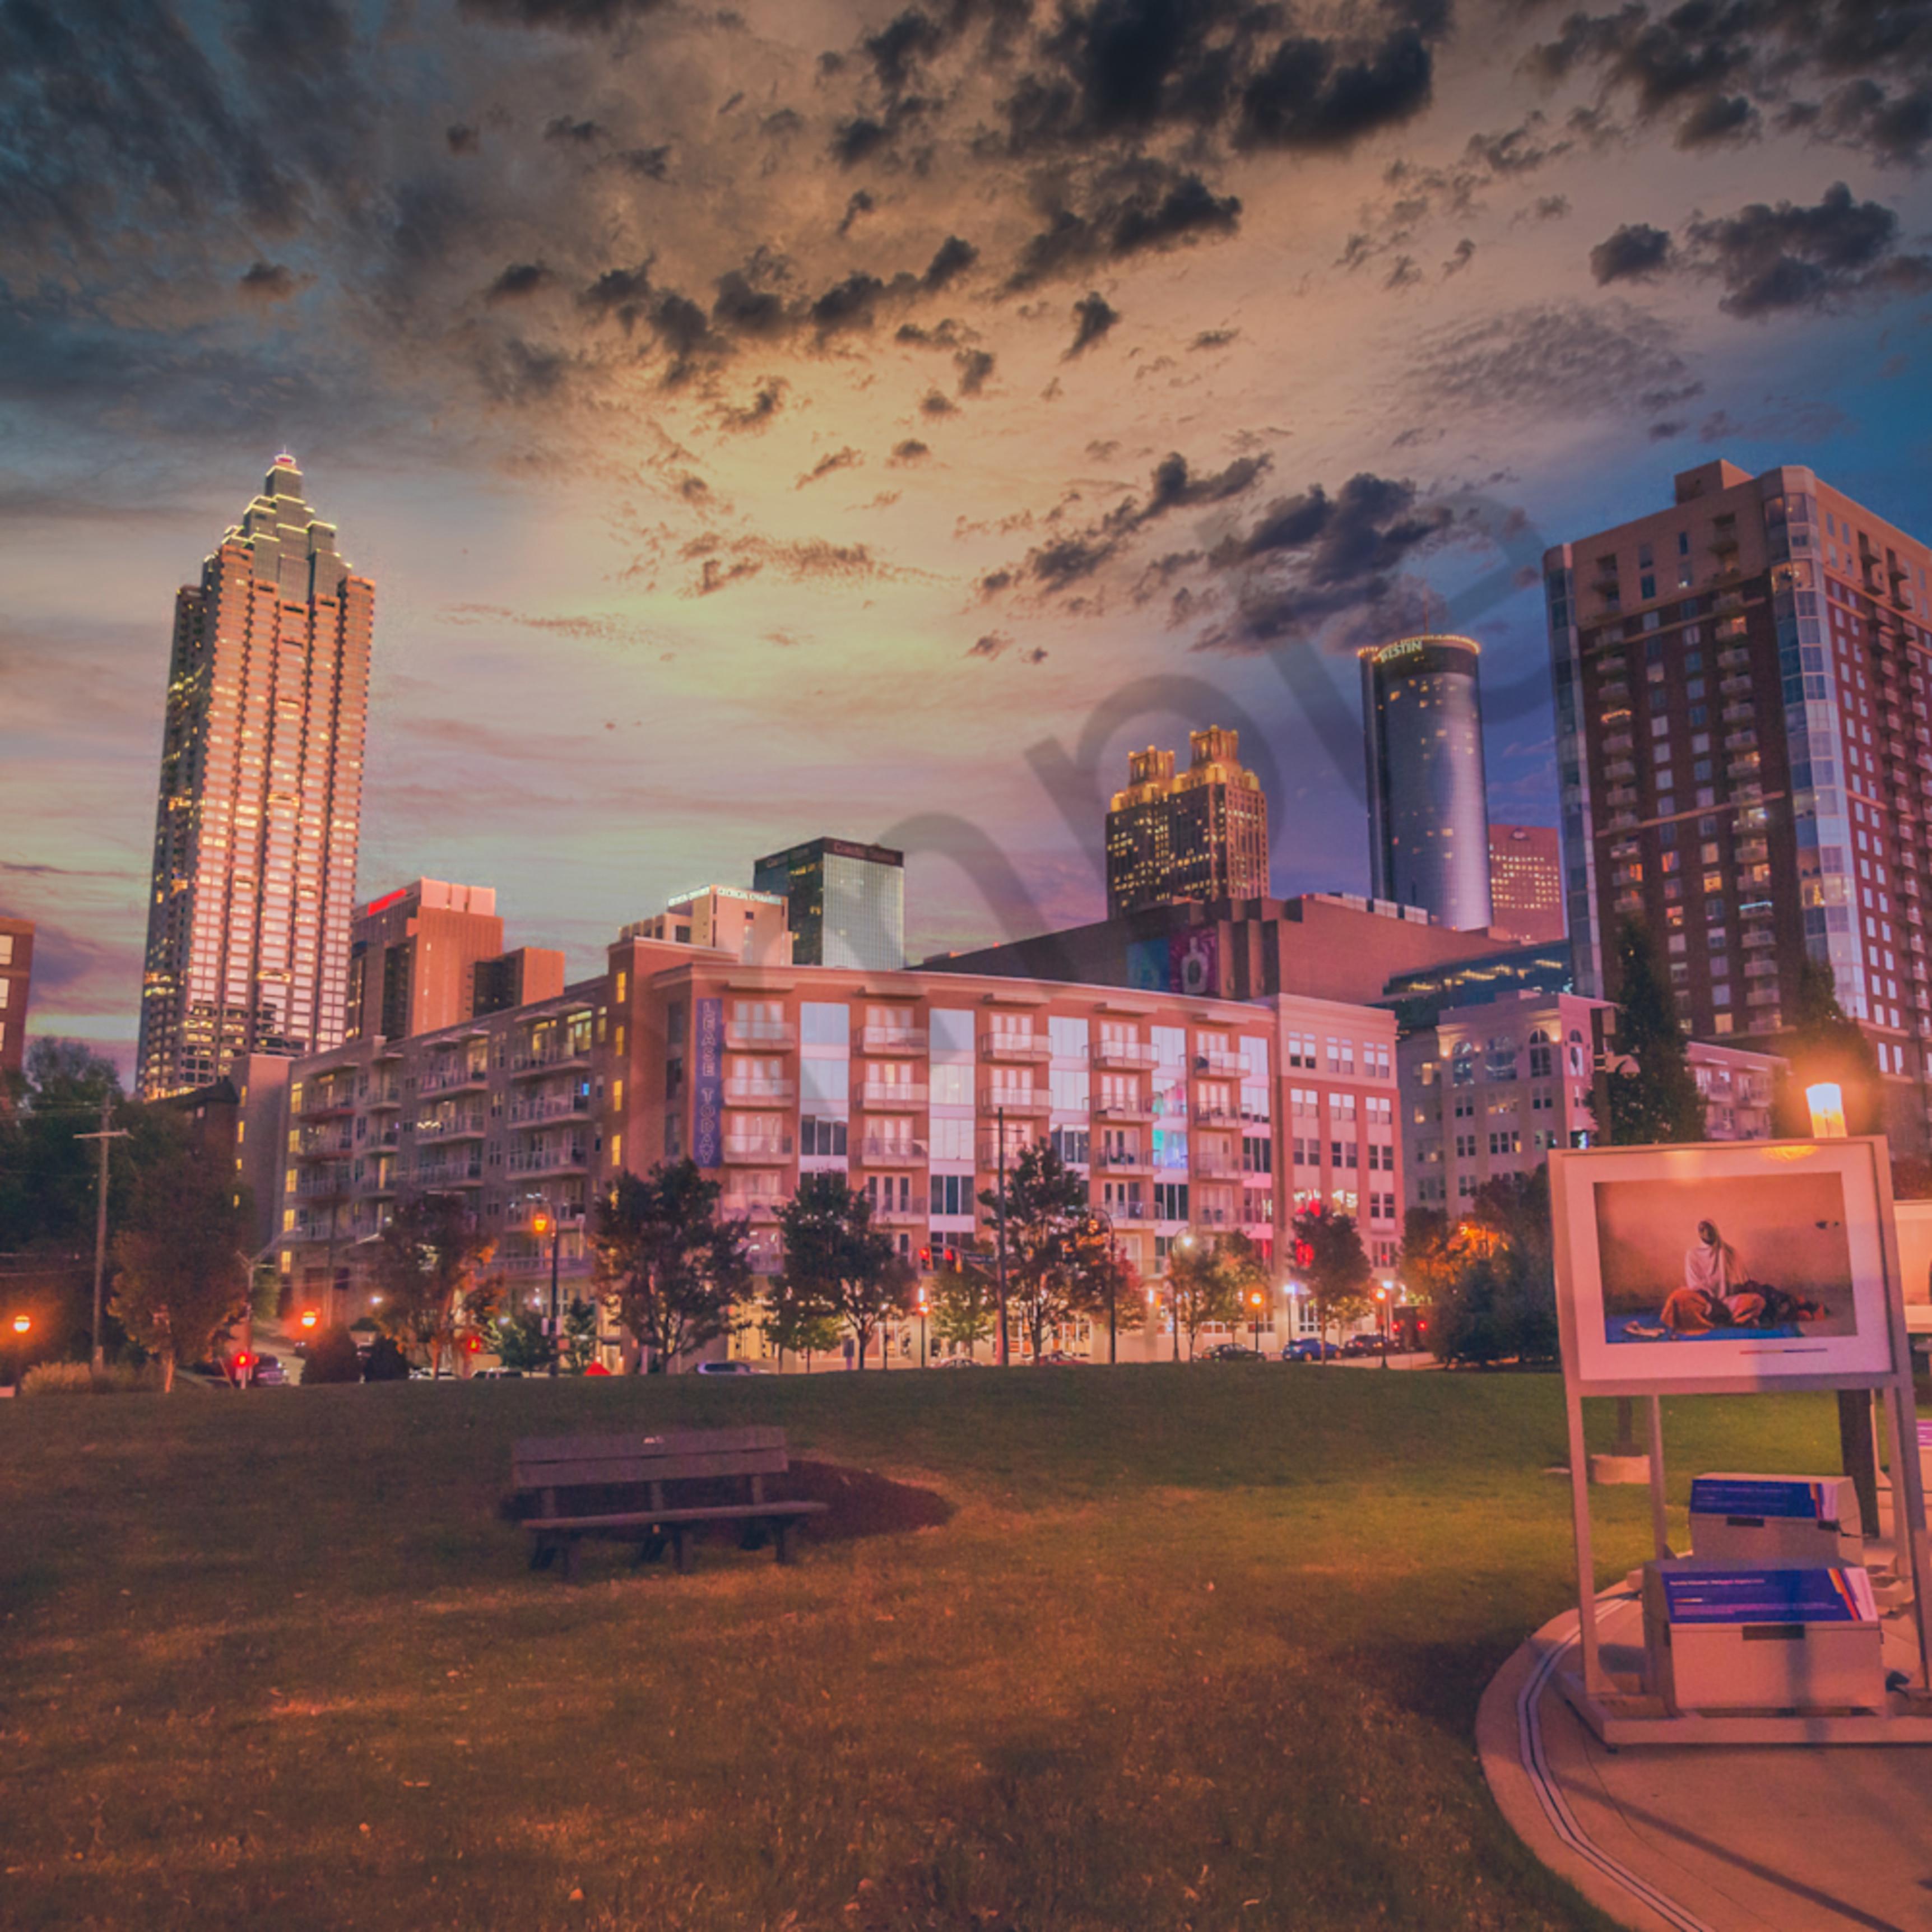 City in sunset breflv